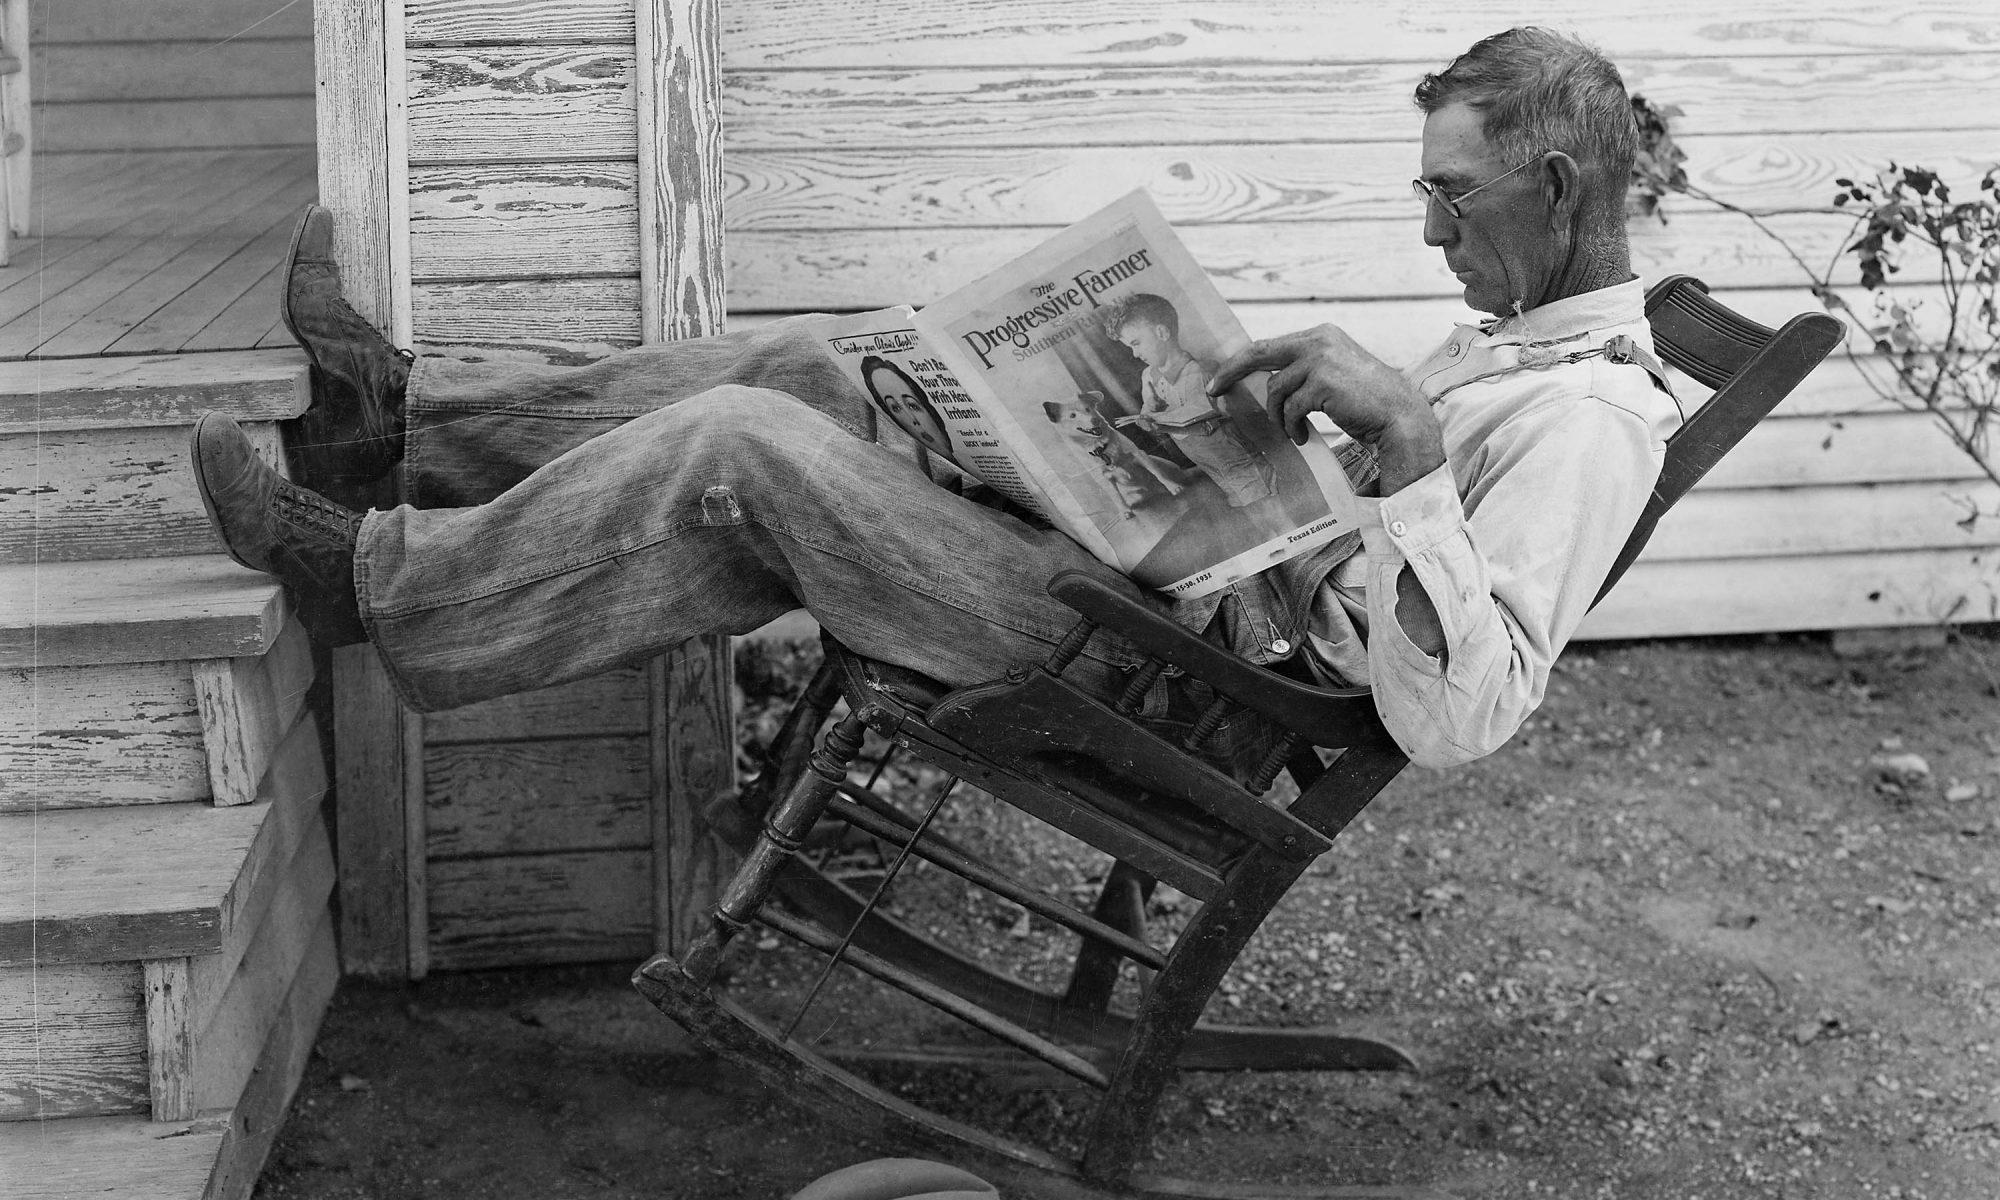 quiet-By George W. Ackerman (The Progressive Farmer) [Public domain], via Wikimedia Commons